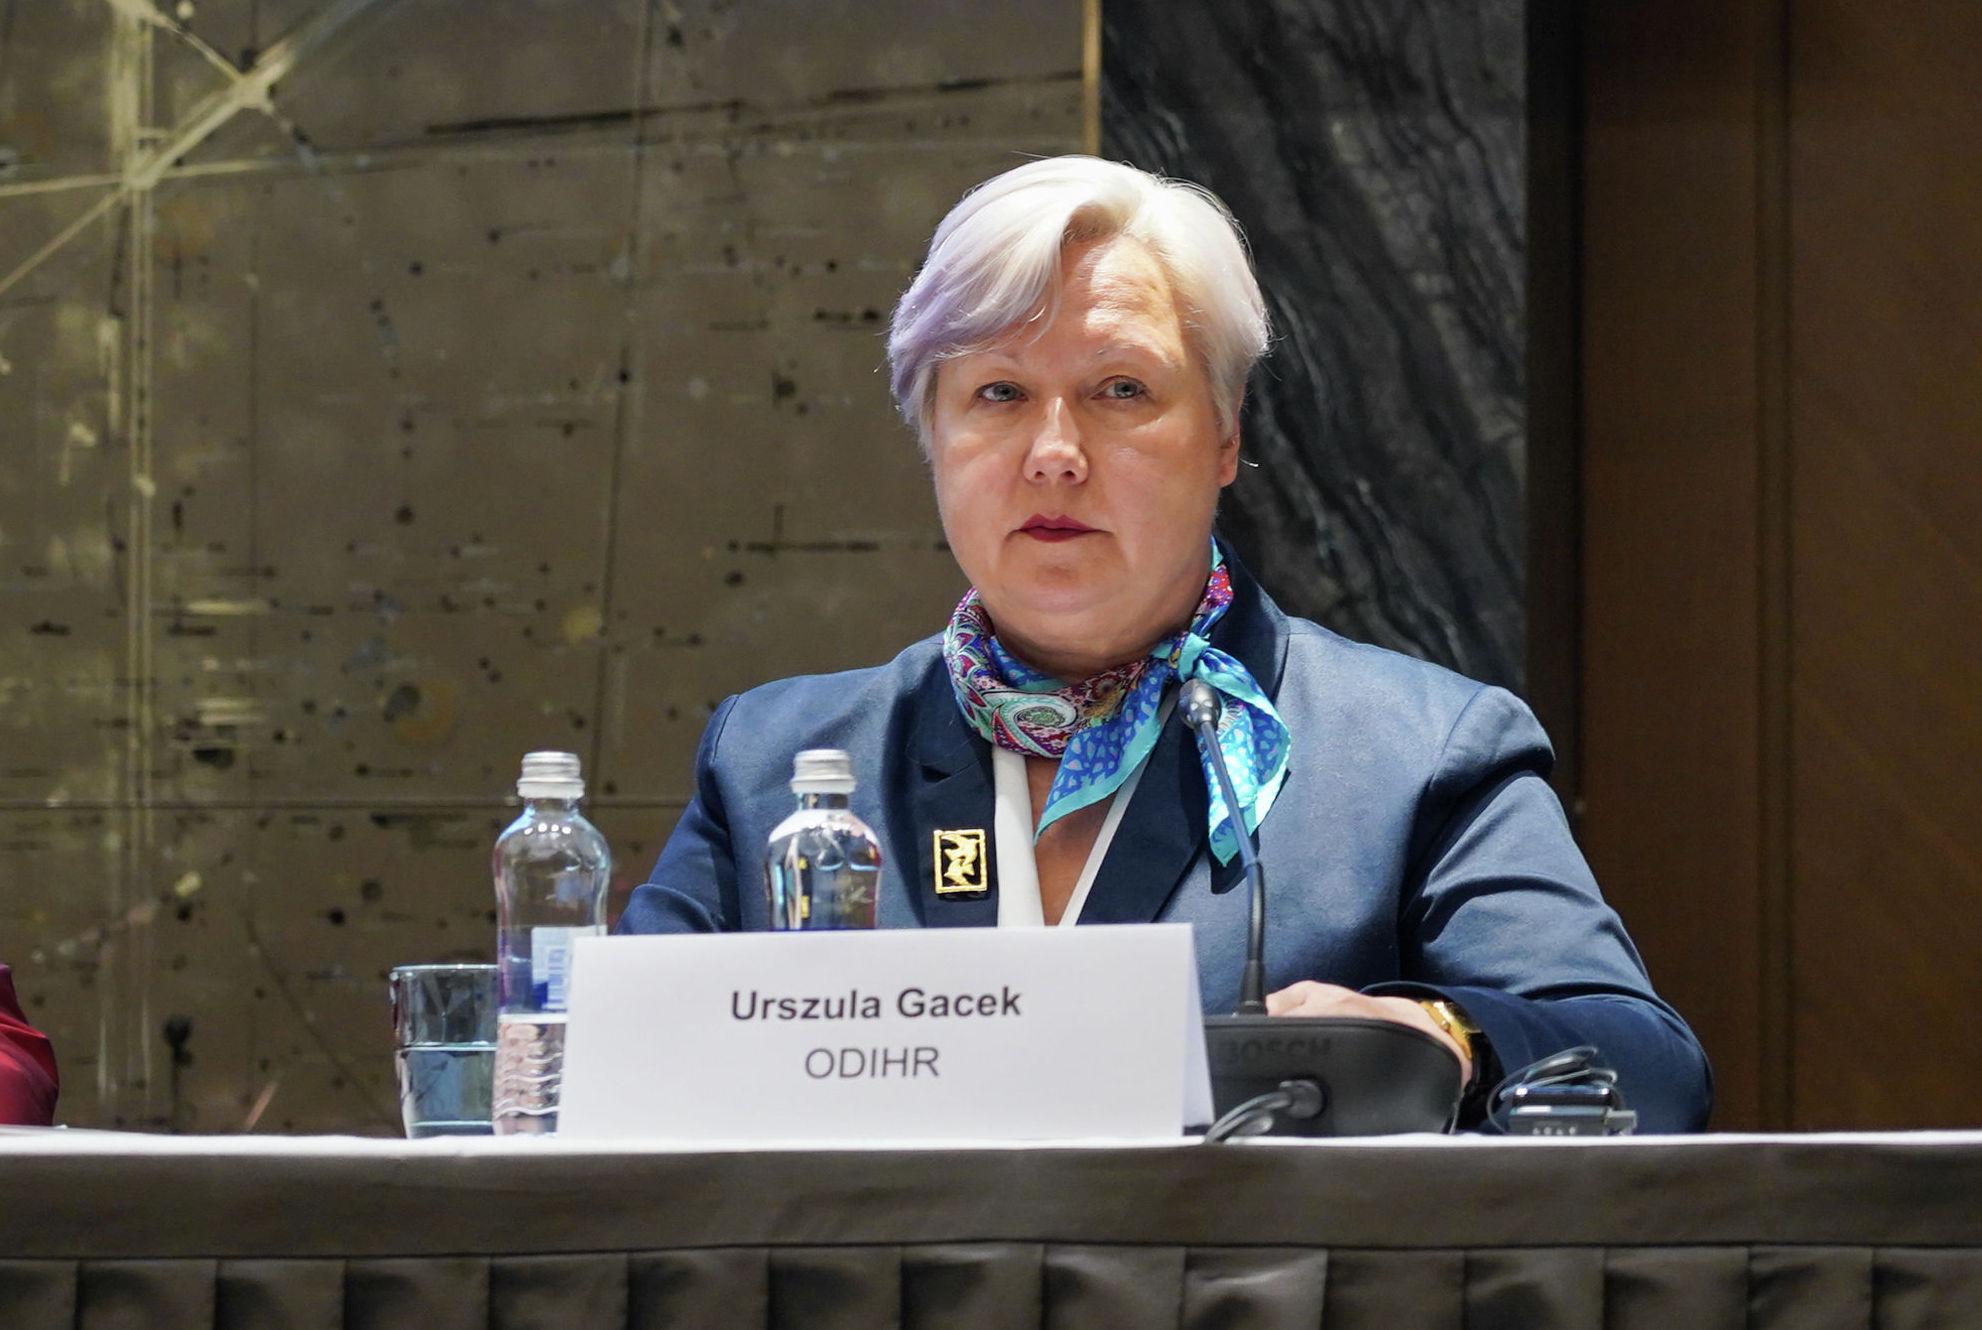 Глава миссии по наблюдению за выборами БДИПЧ Уршула Гацек